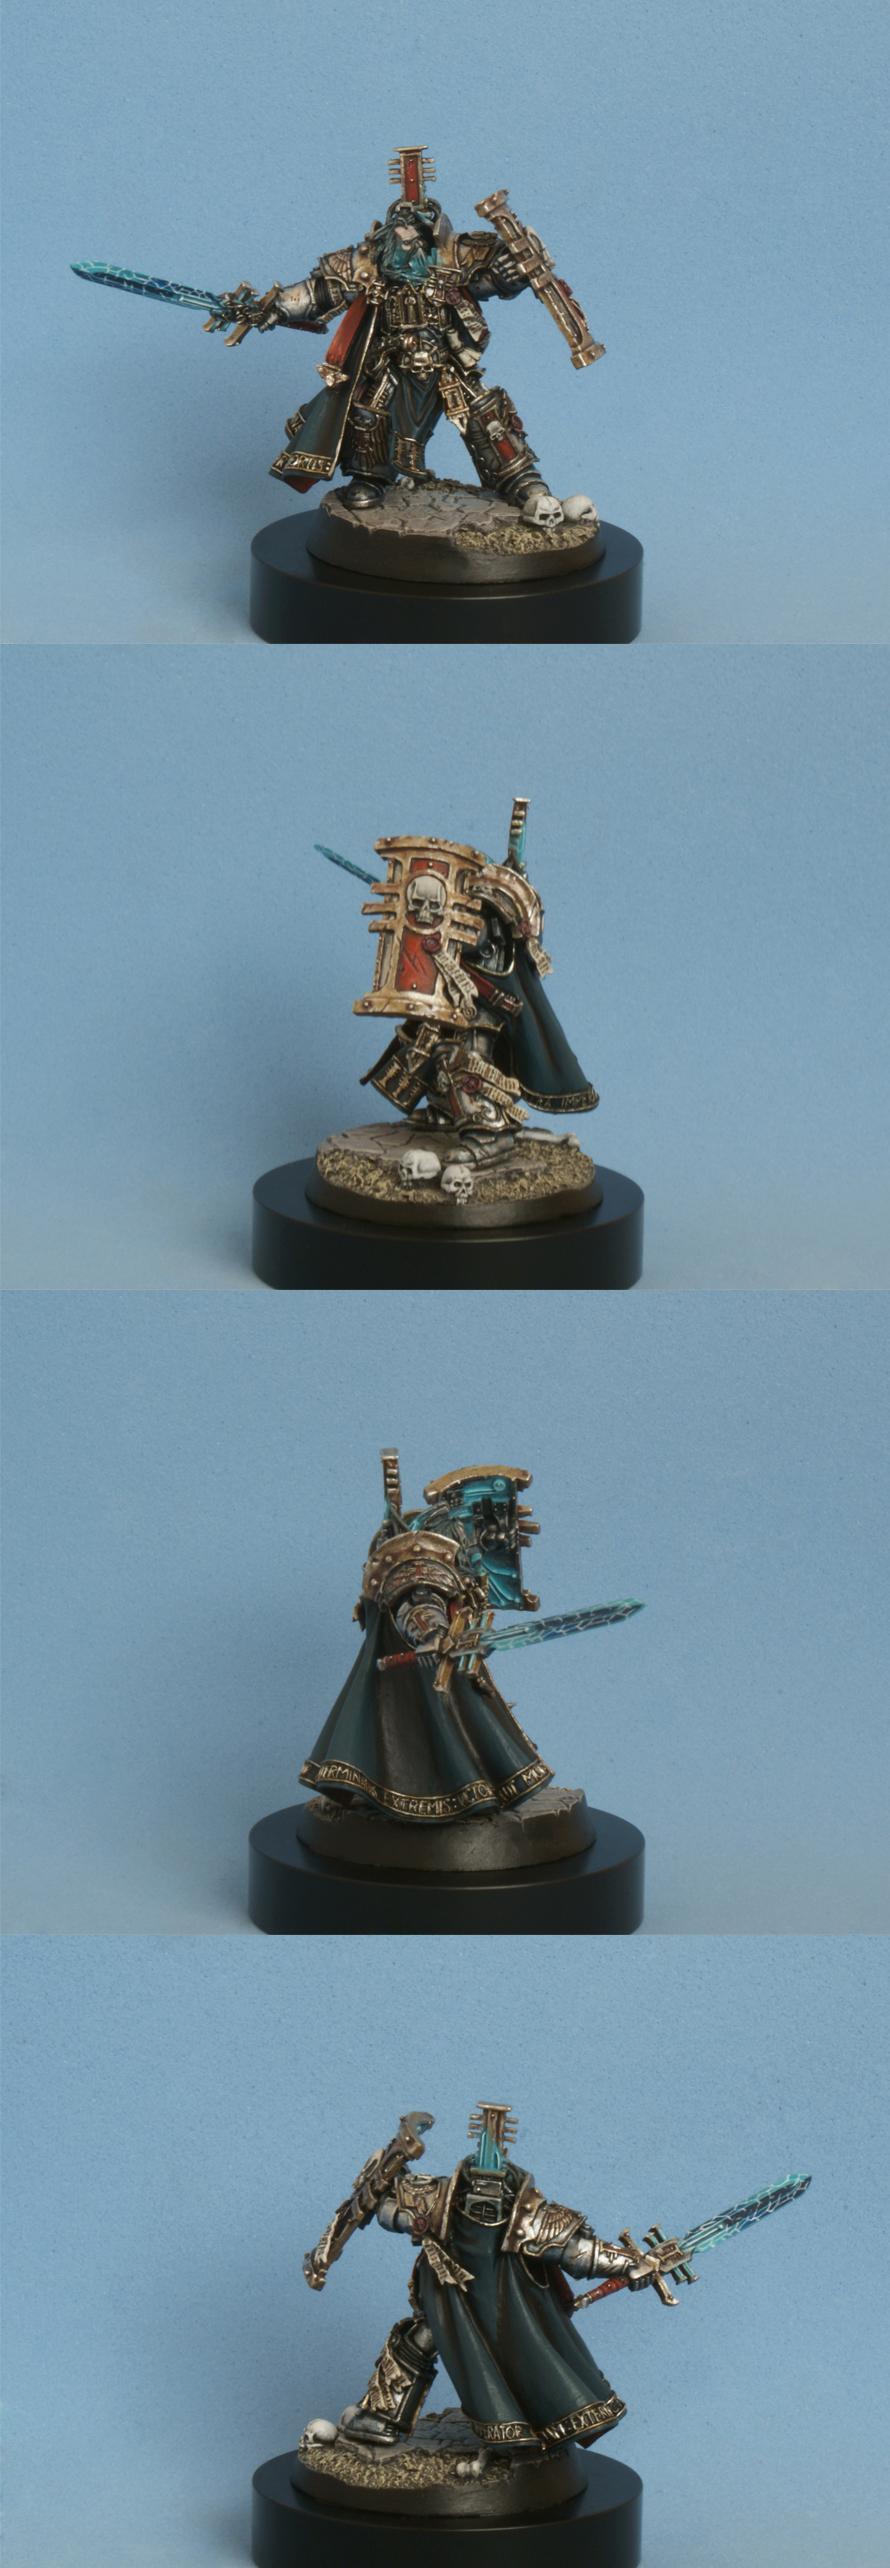 Hector Rex, Inquisition, Inquisitor, Lord, Ordo Malleus, Terminator Armor